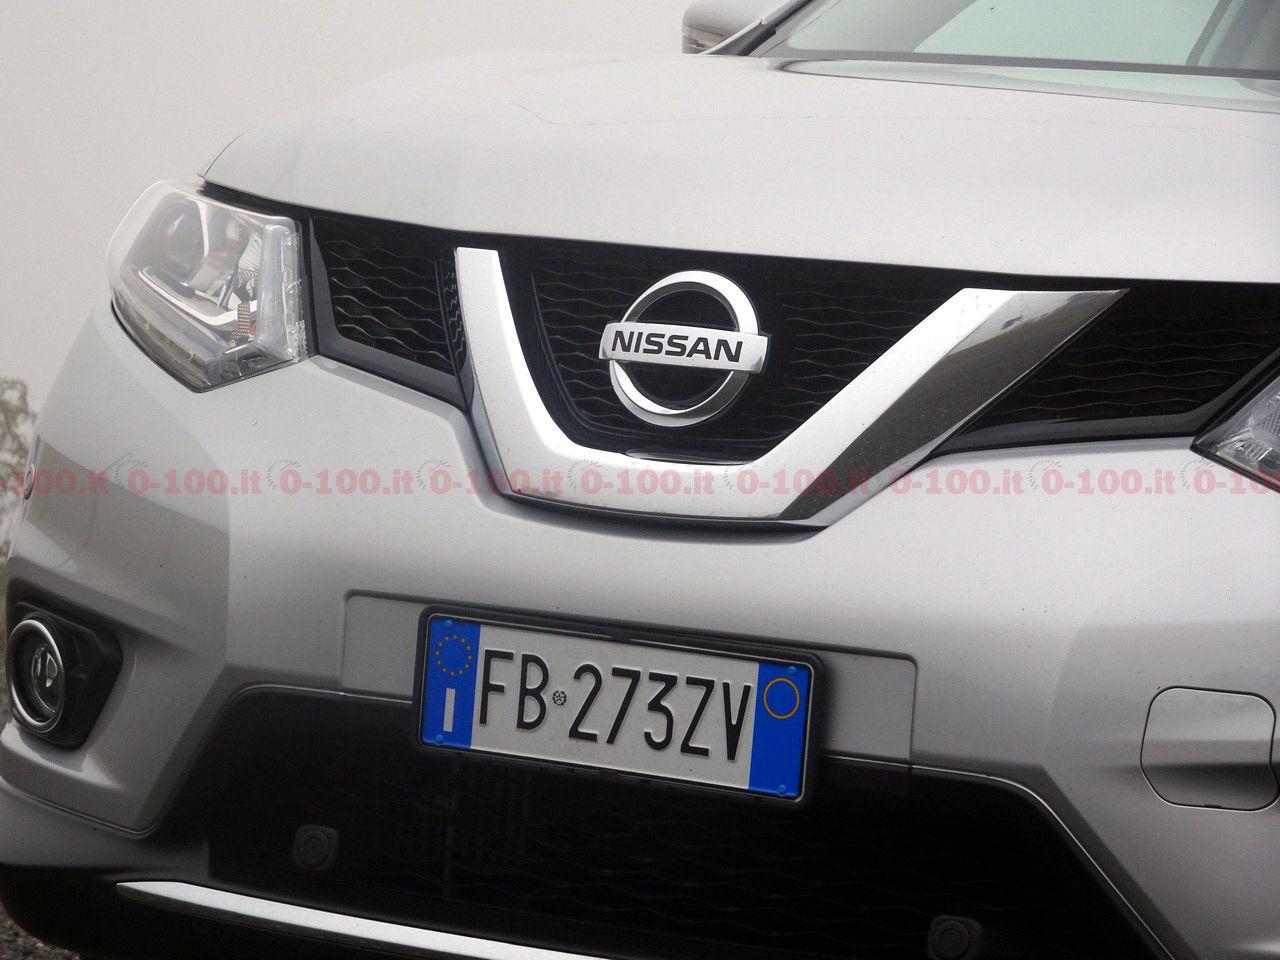 nissan-x-trail_dci-130-turbodiesel-tekna-test-drive-0-100_27